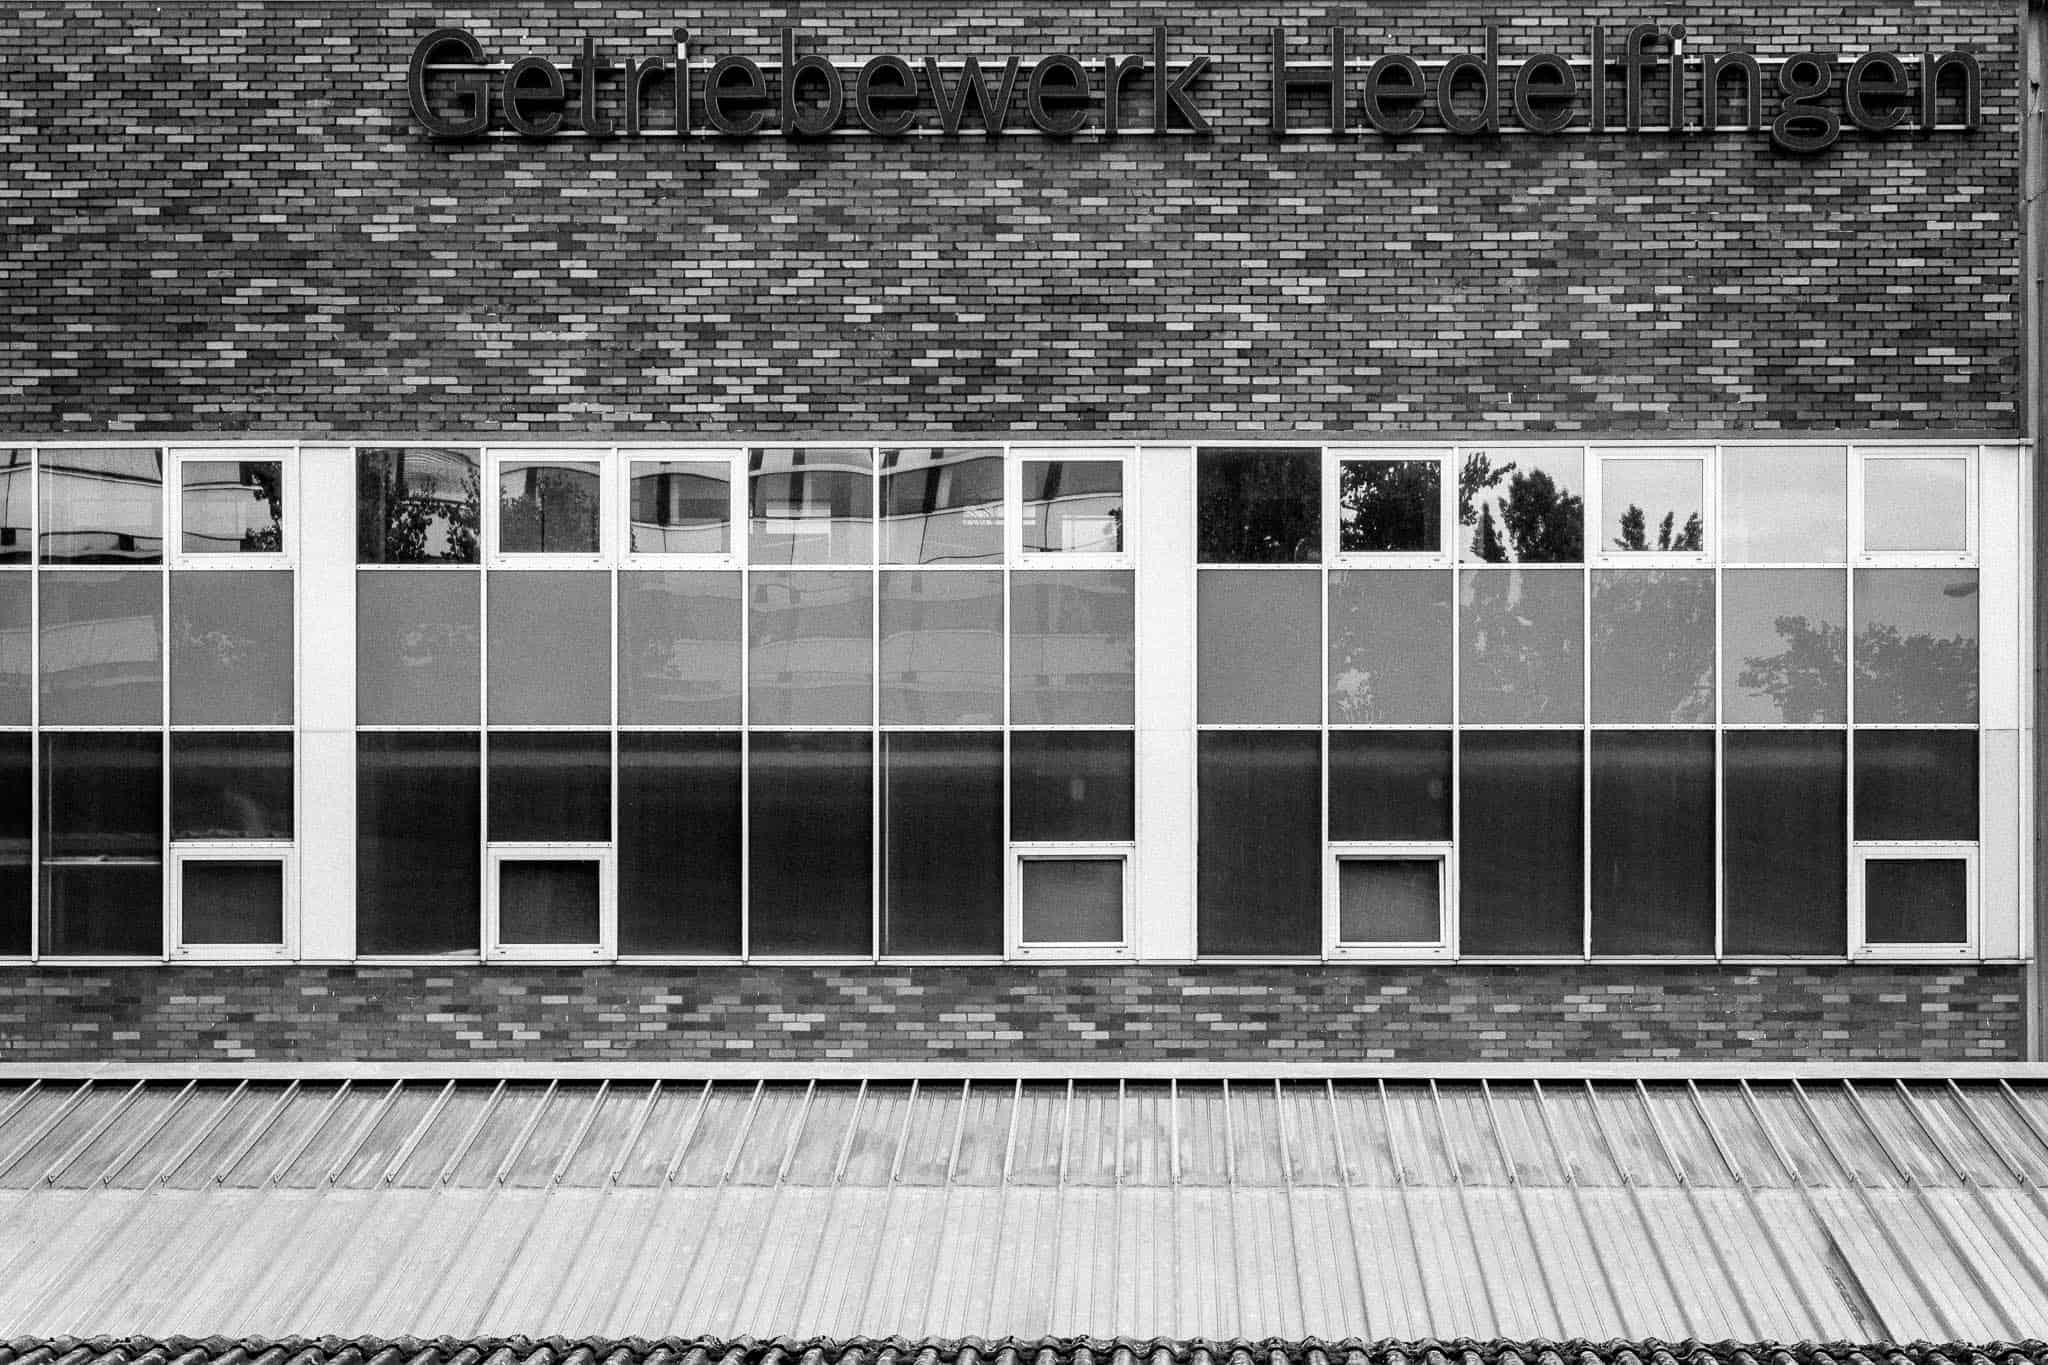 Neckarhafen, Ansicht einer Fassade